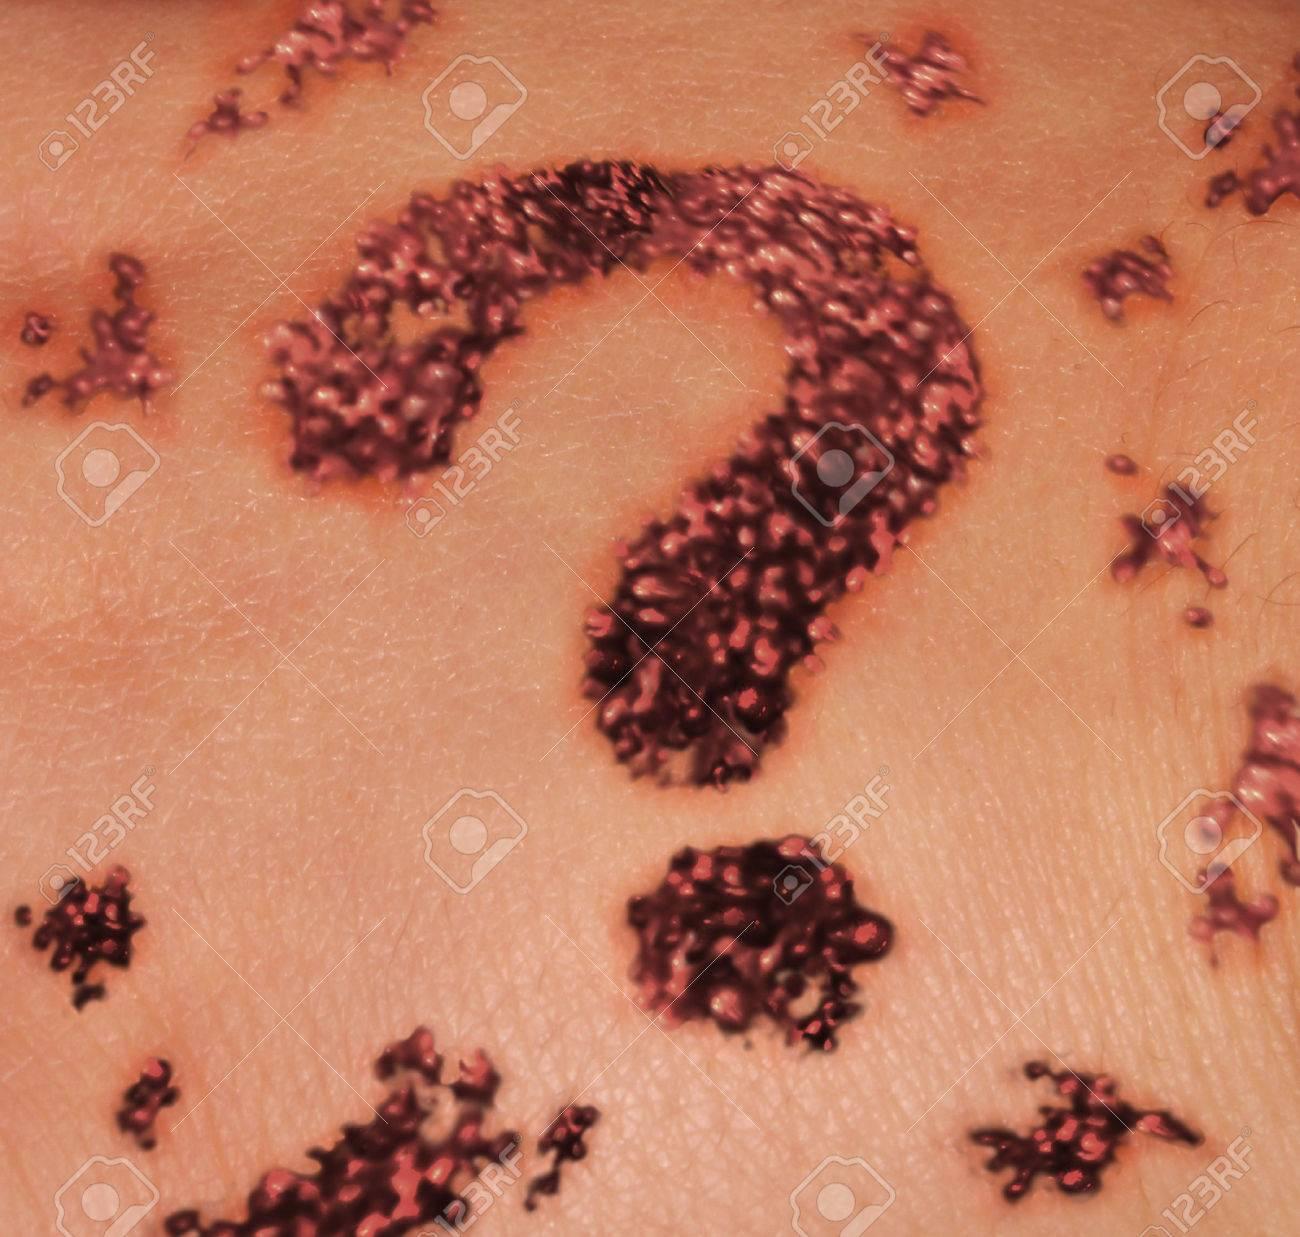 Lunar De La Piel Sospechoso Como Un Concepto De La Dermatología ...